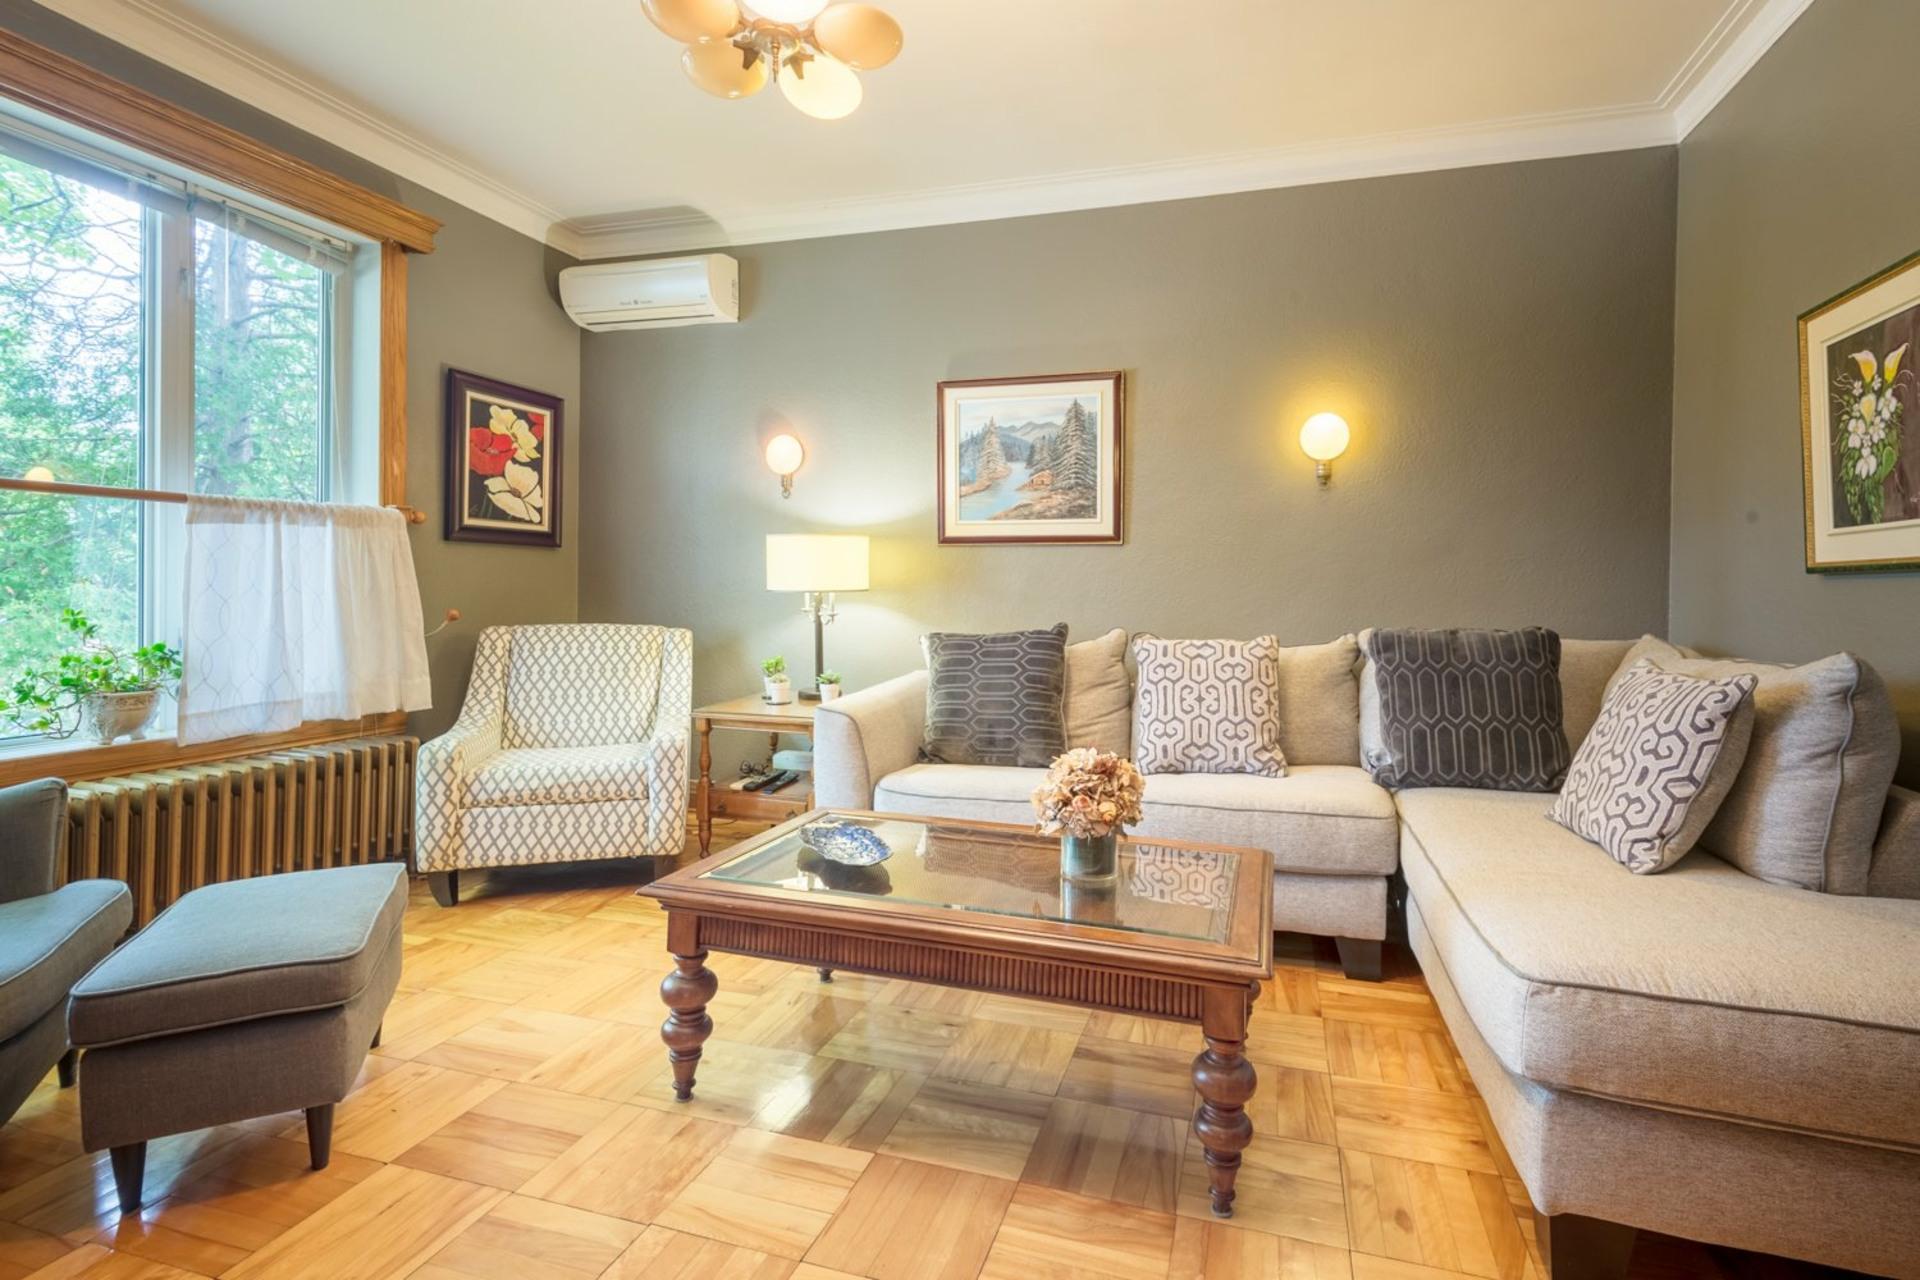 image 7 - Duplex For sale Sainte-Anne-de-Bellevue - 6 rooms